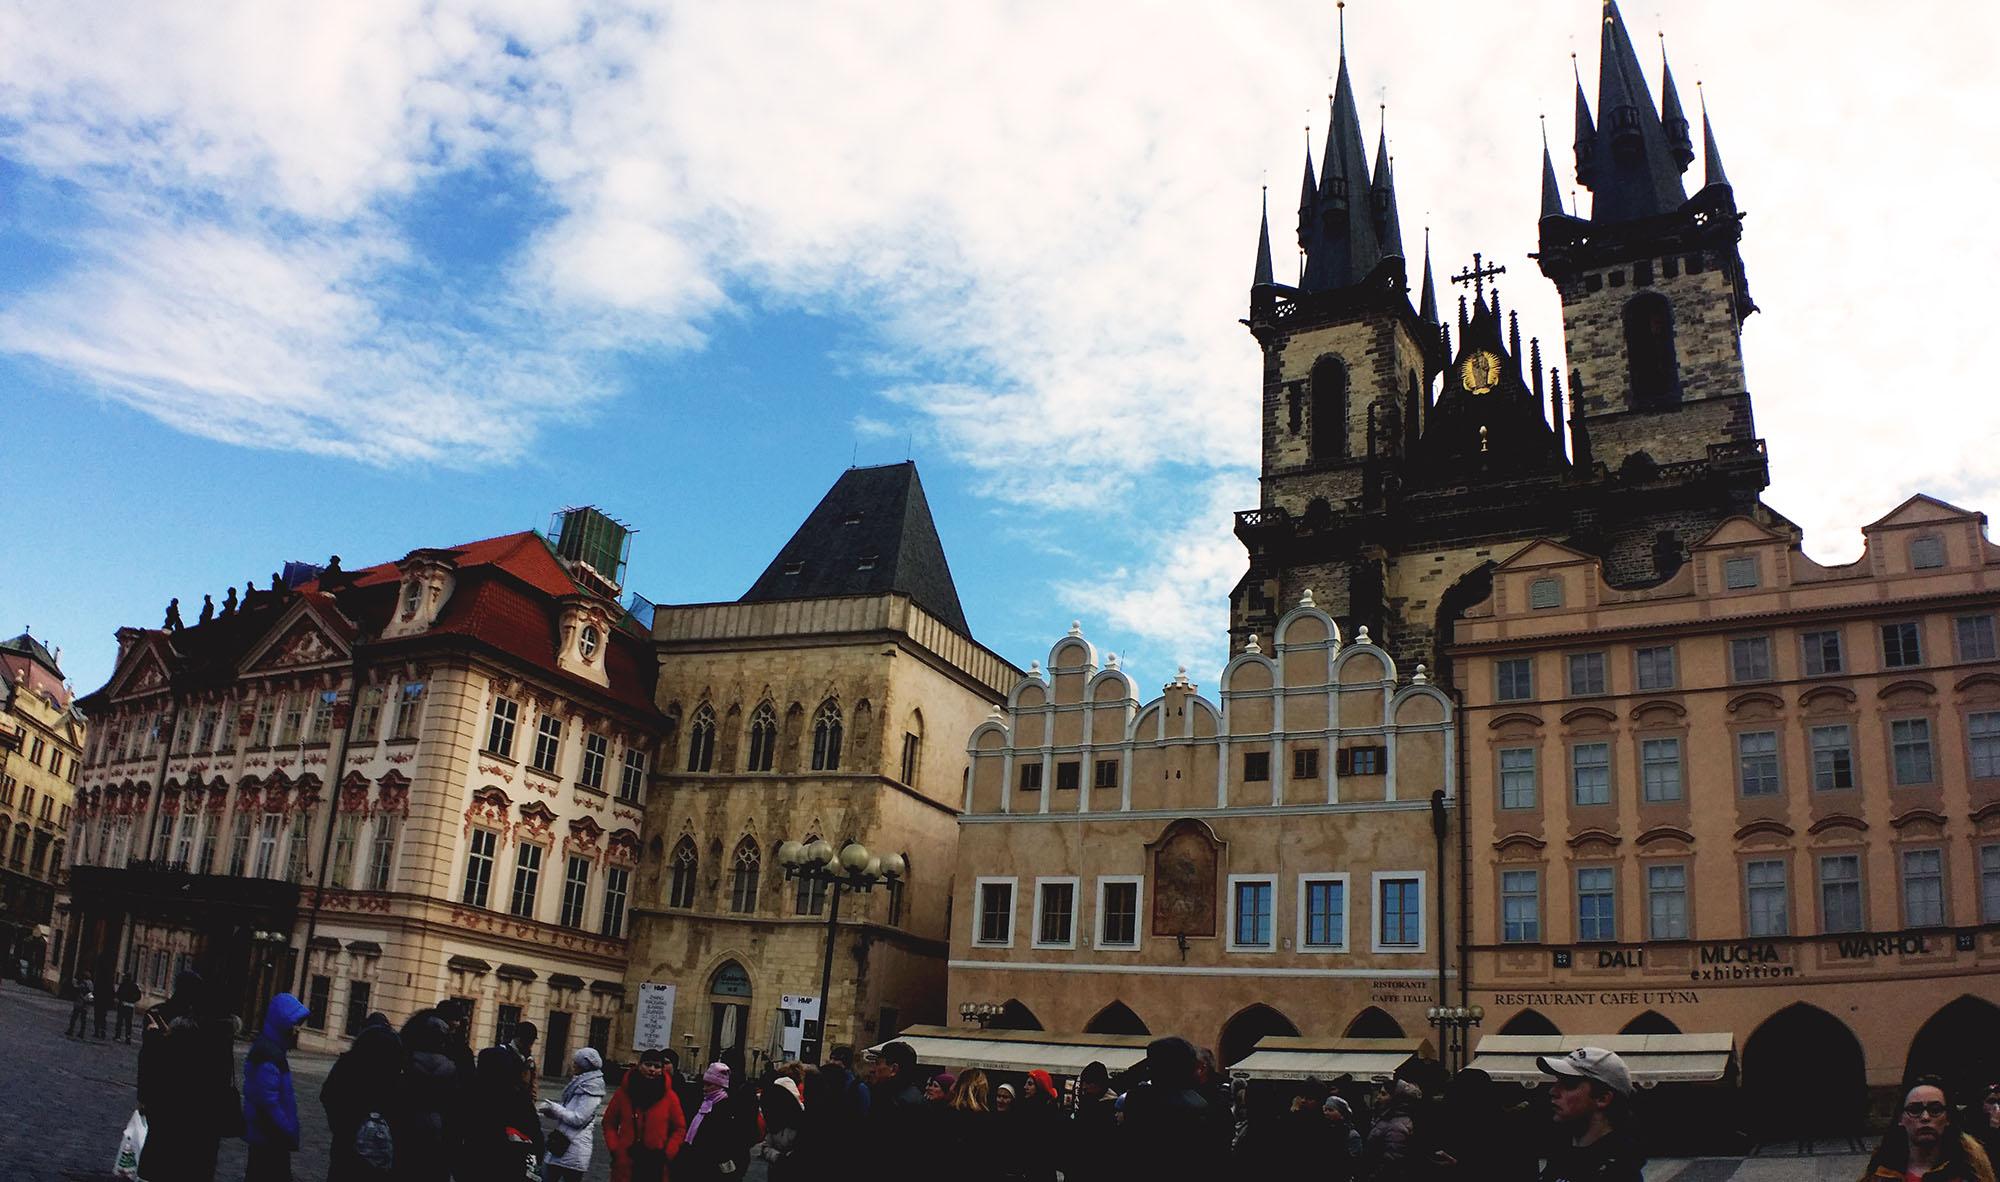 プラハ旧市街広場とティーン聖母教会